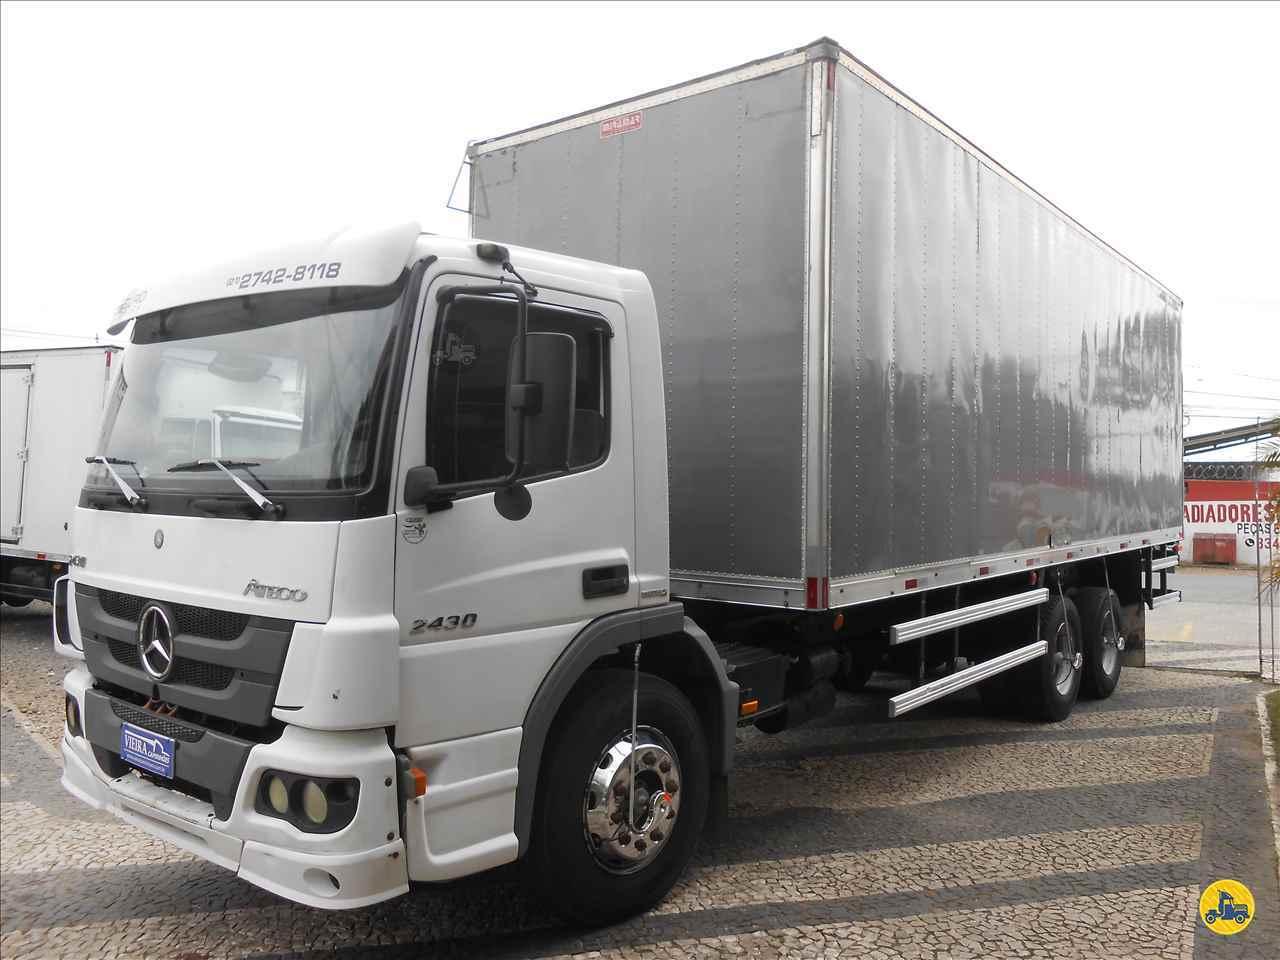 CAMINHAO MERCEDES-BENZ MB 2430 Baú Furgão Truck 6x2 Vieira Caminhões CURITIBA PARANÁ PR